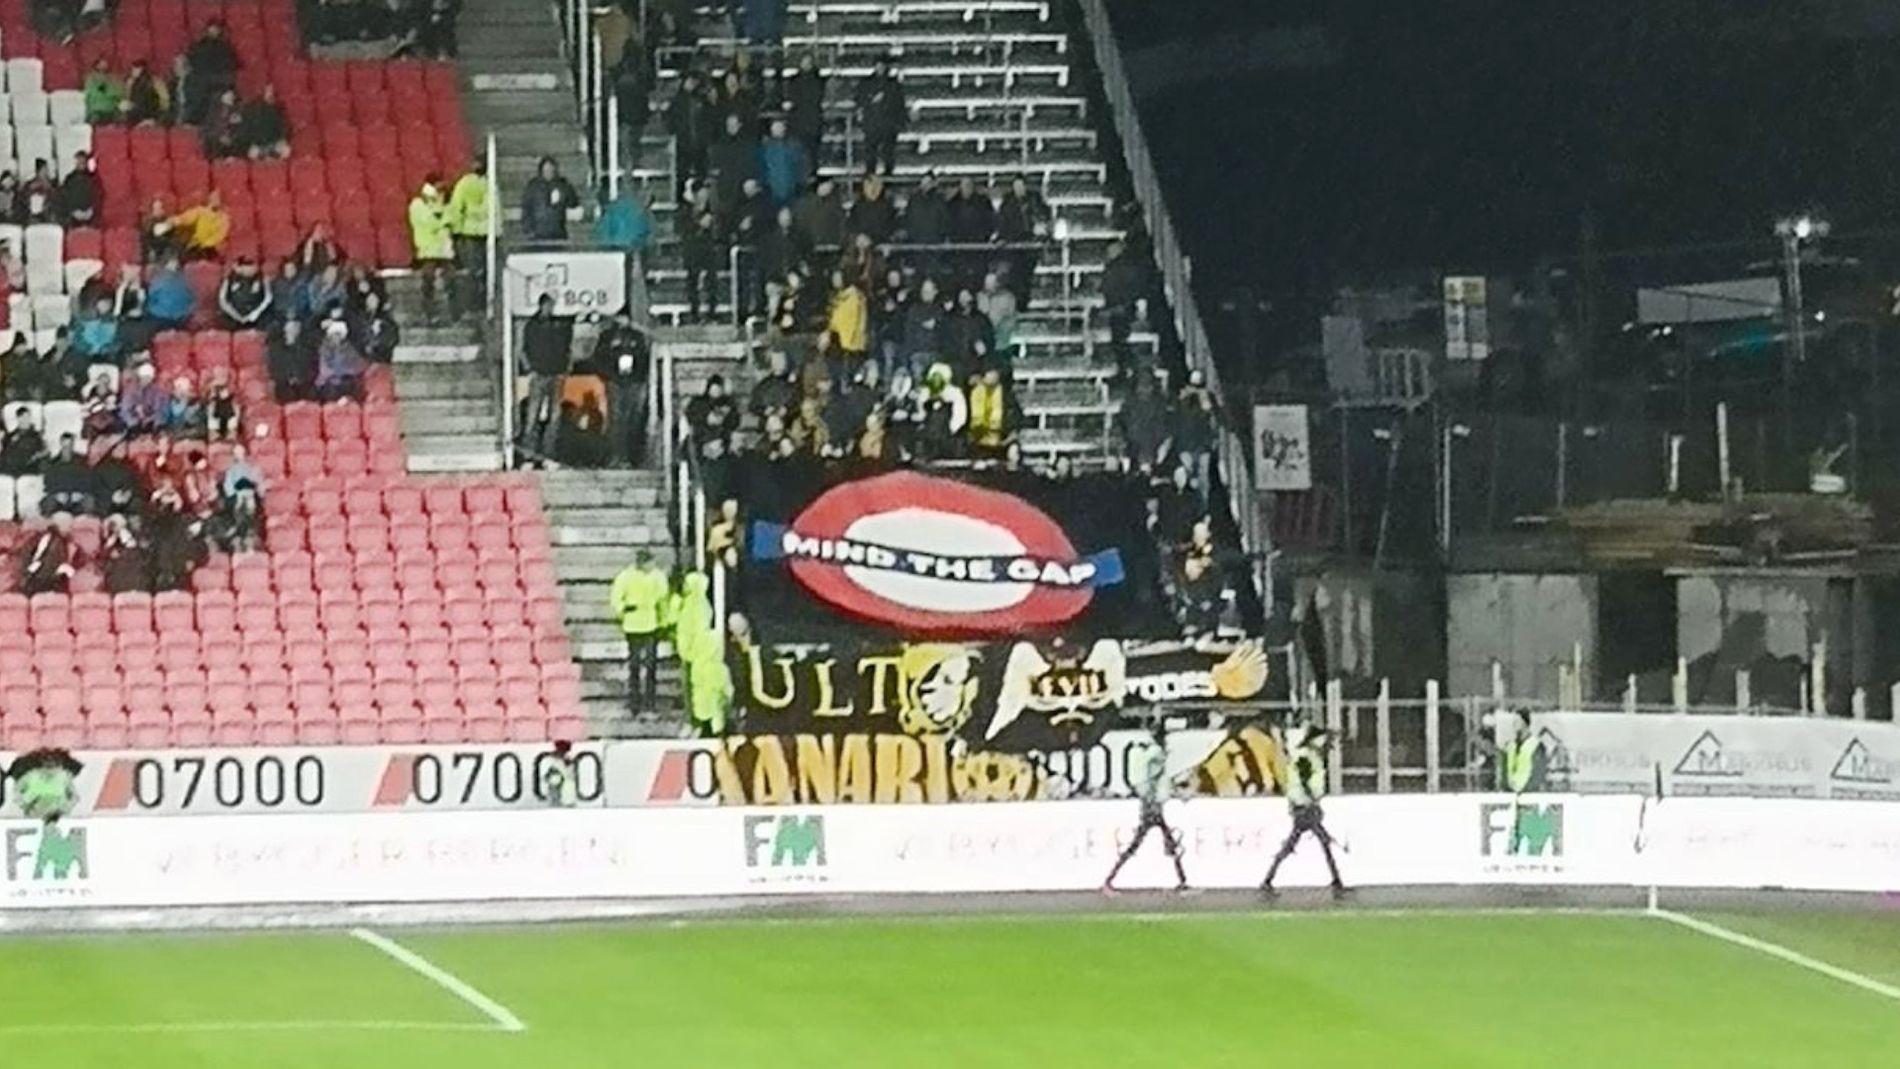 VEKKER AVSKY: Det er dette banneret – som Lillestrøm-supporterne holdt opp i annenomgang i kampen mot Brann – som får Fotball-Norge til å reagere sterkt.Foto: GJERT MOLDESTAD